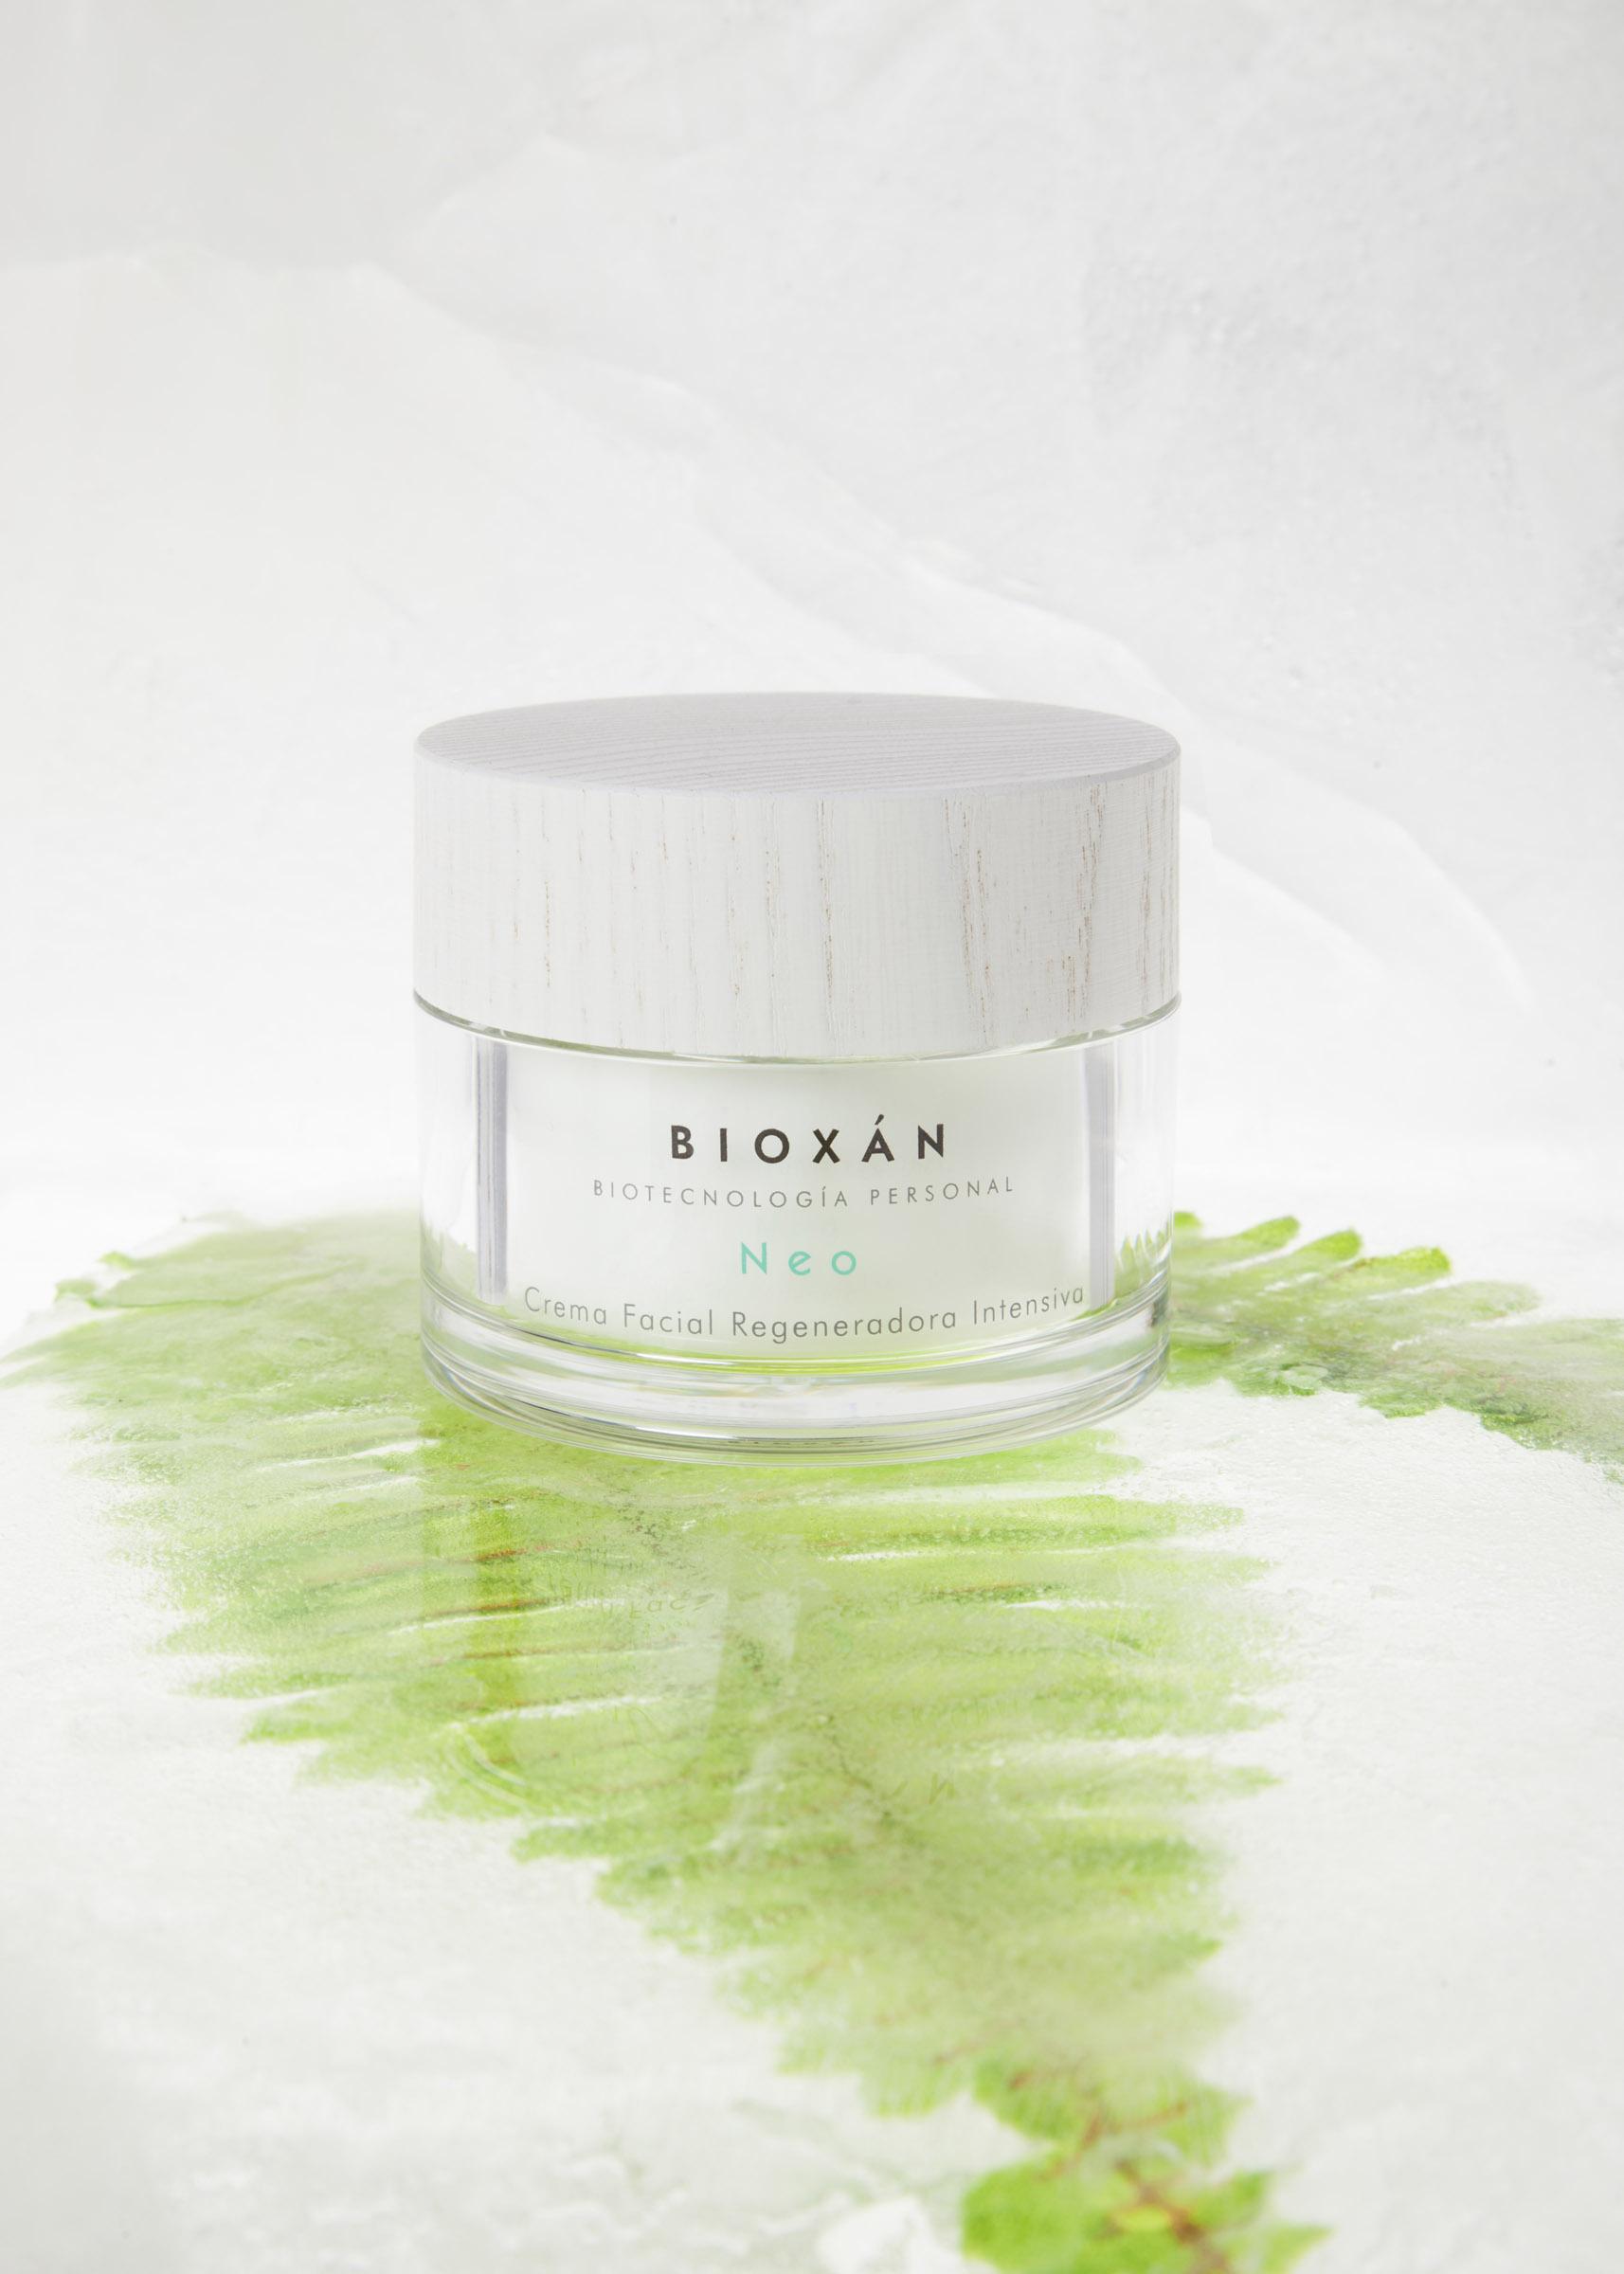 Bioxan_producto_09